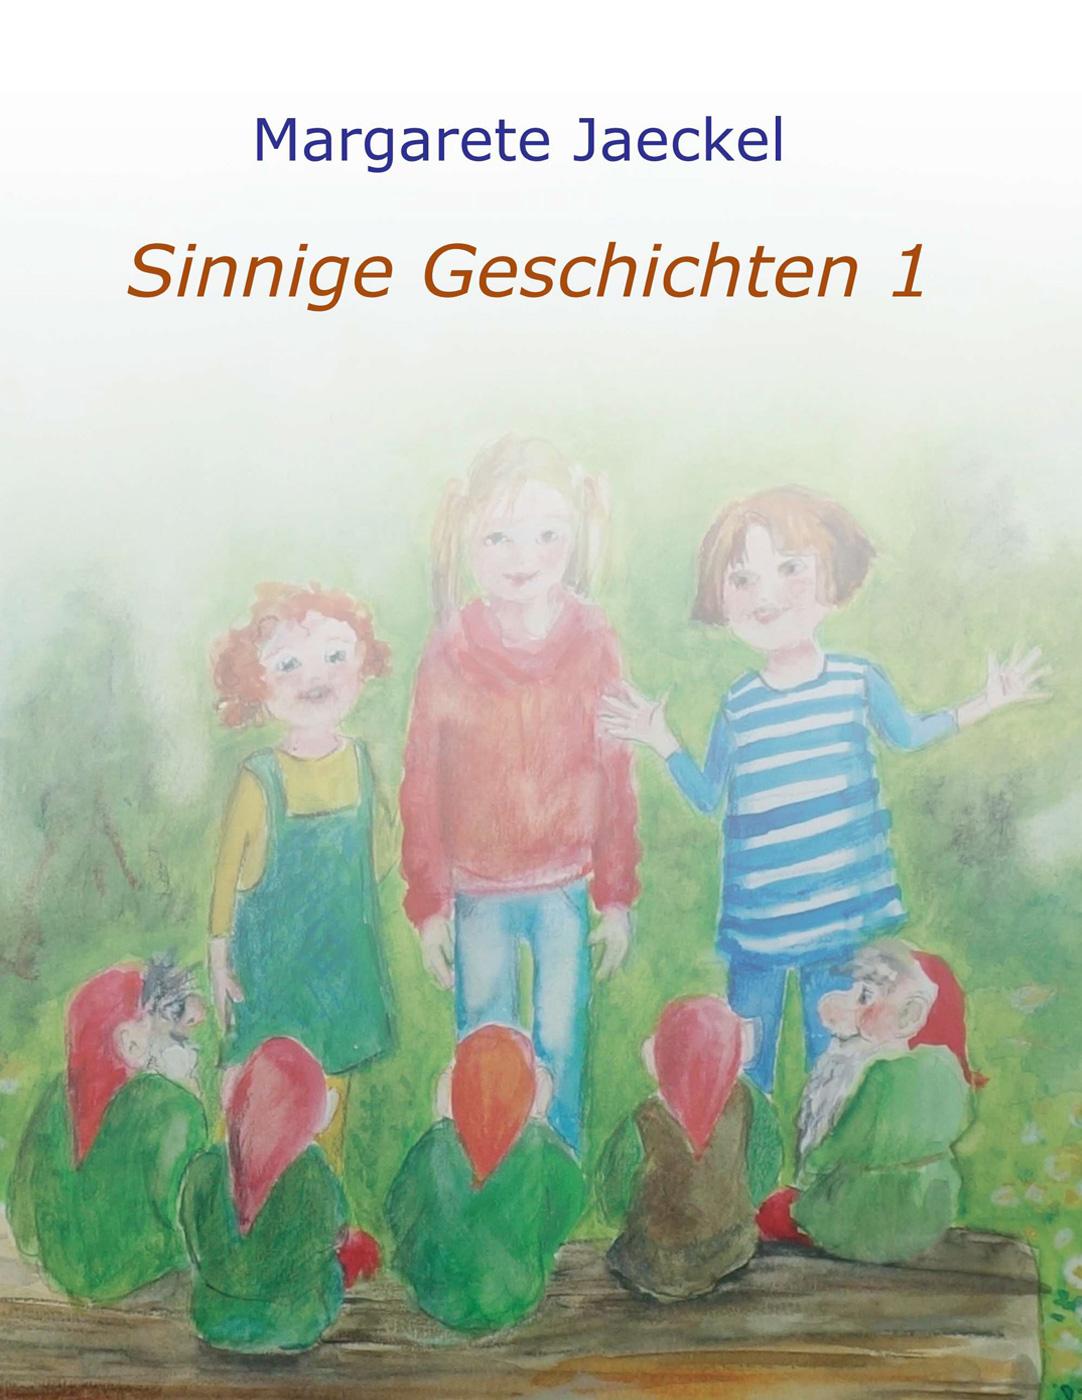 Sammelband 1 | Sinnige Geschichten Margarete Jaeckel | Illustrationen: S. Ledendecker & Eva-Maria Johannes